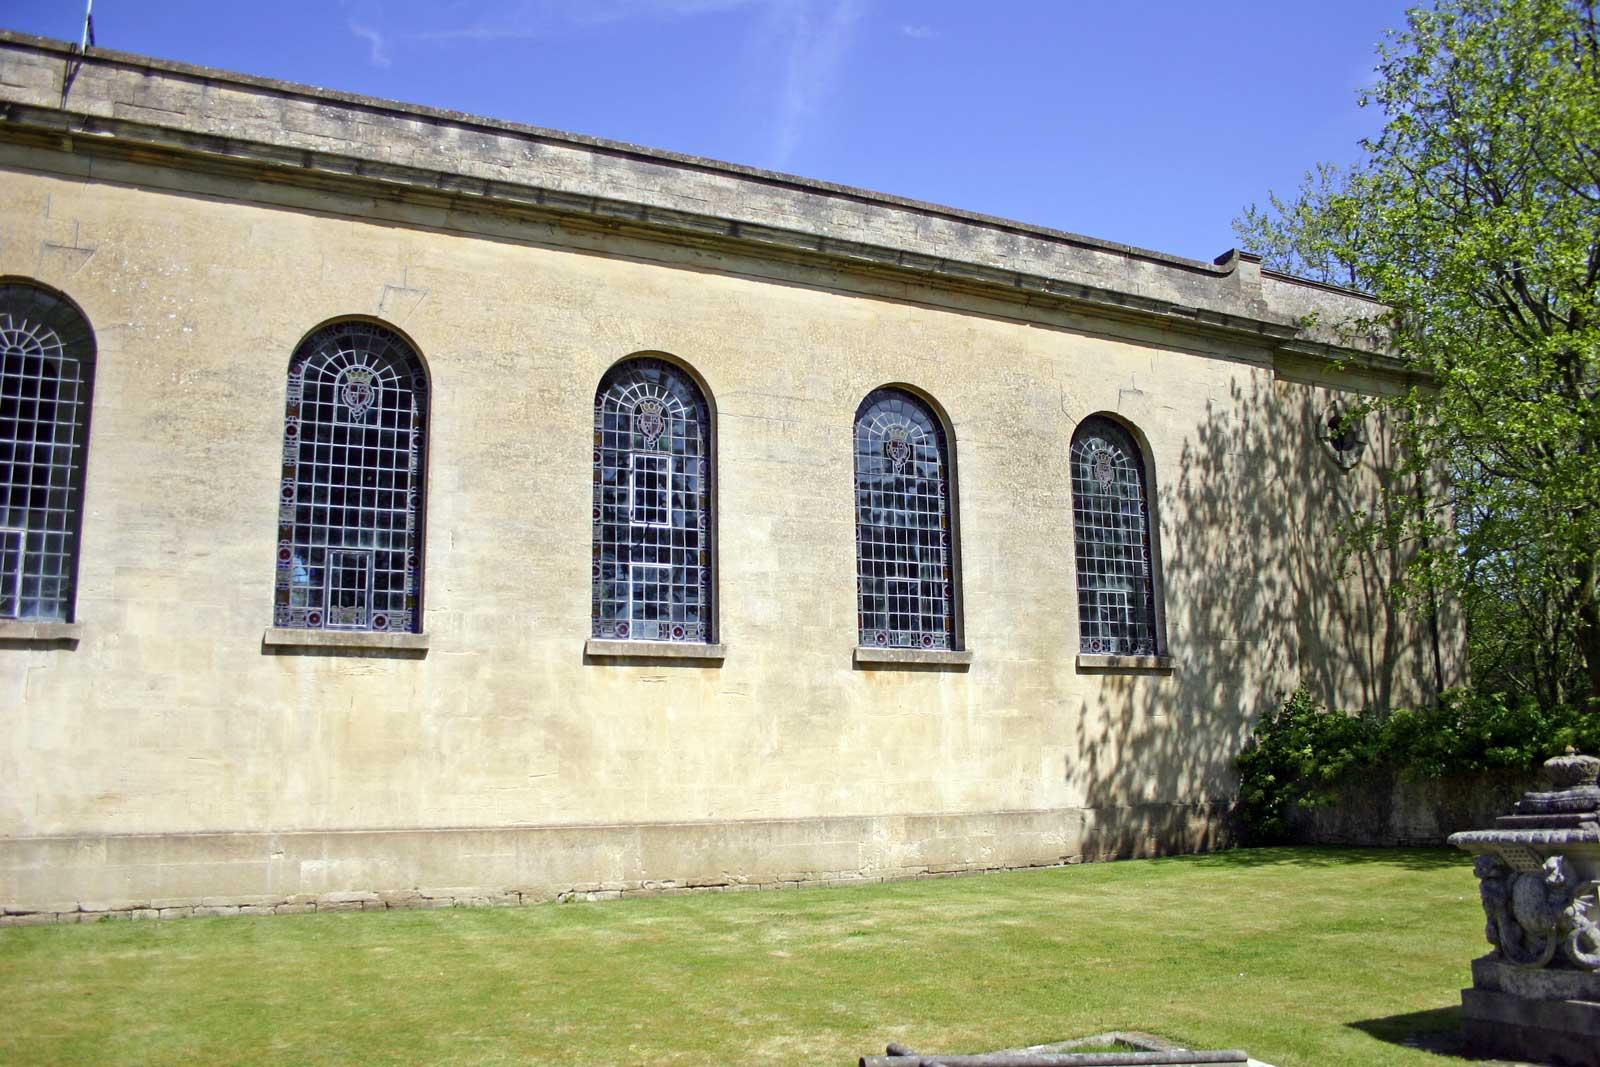 The Windows of the South Facade